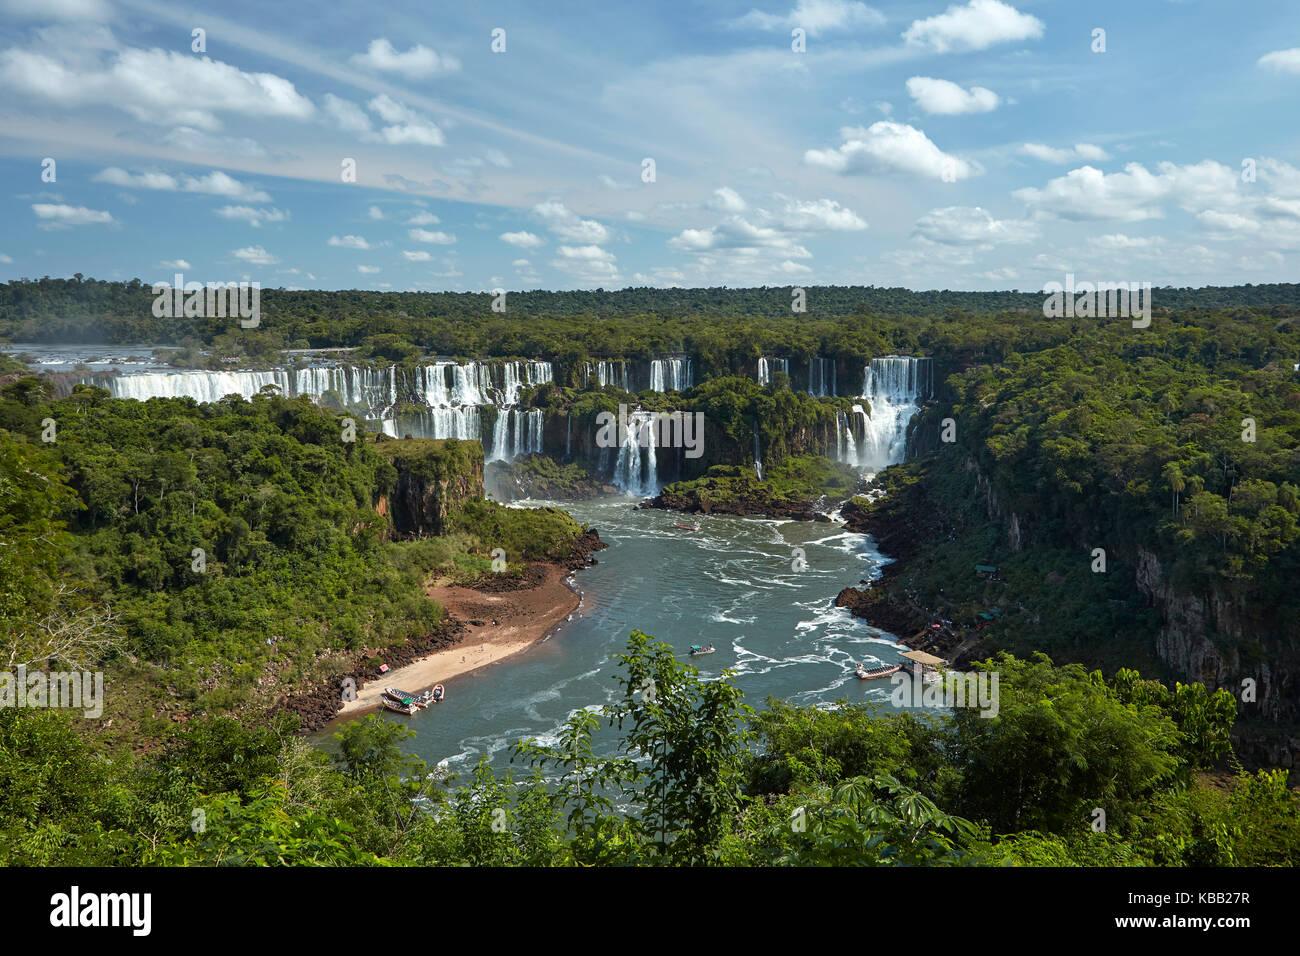 Las cataratas del Iguazú lado argentino y embarcaciones turísticas sobre el río Iguazú, Brasil - La frontera argentina, Foto de stock